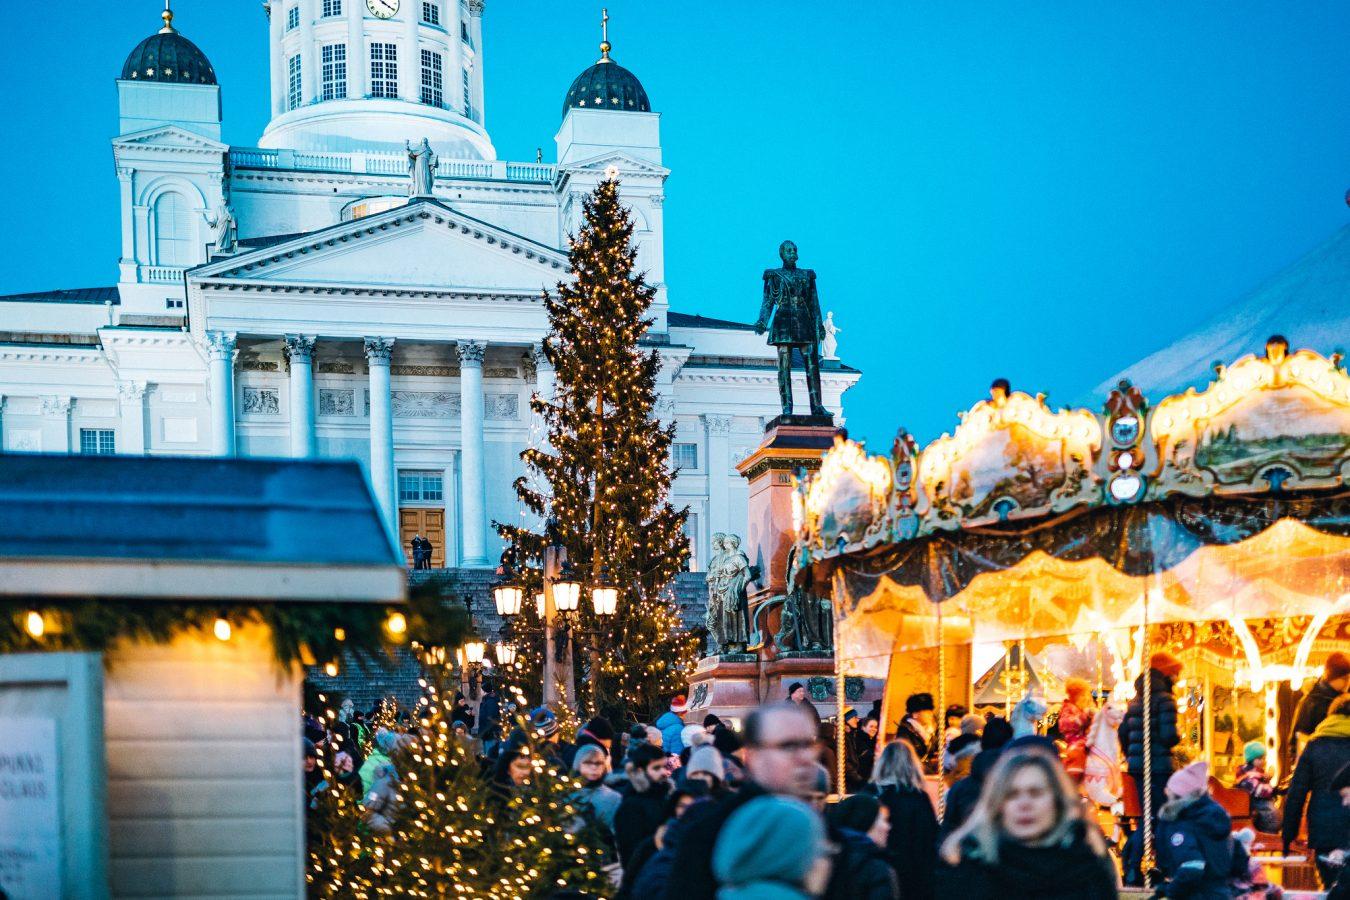 текст рождественские ярмарки в хельсинки фото койлектыде адемы